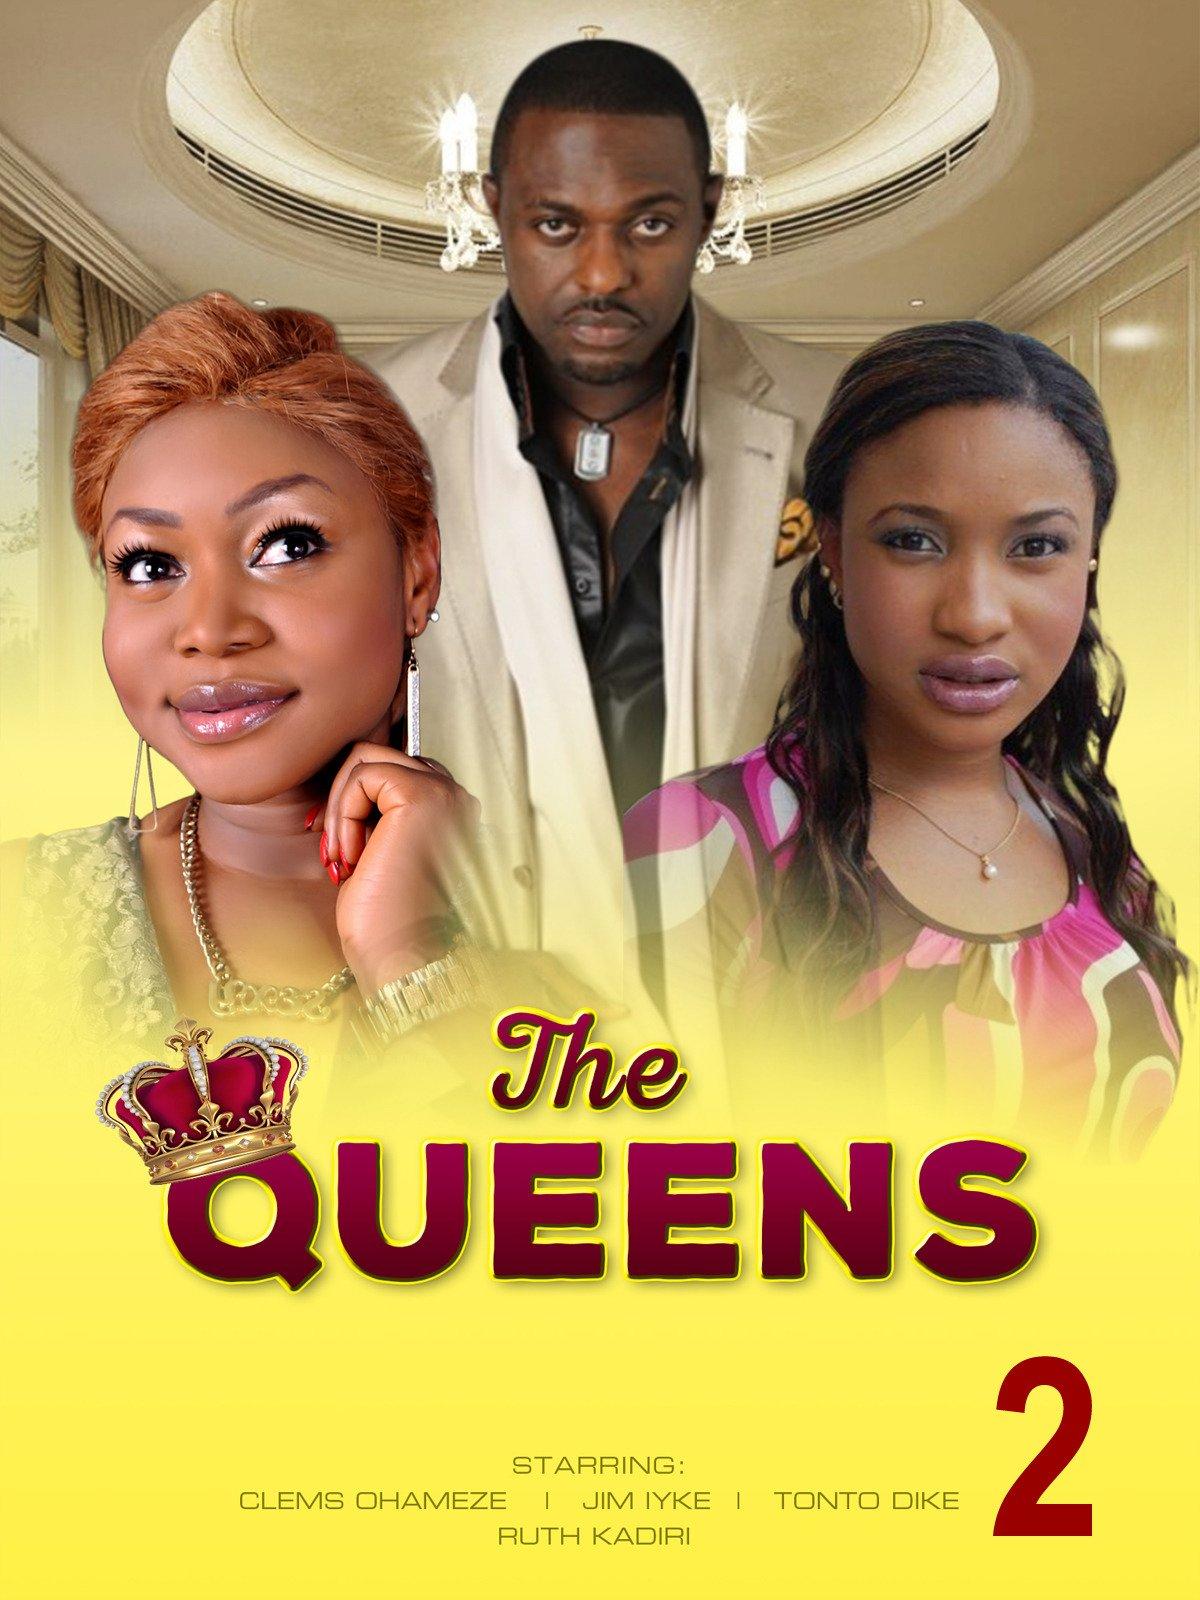 The Queens 2